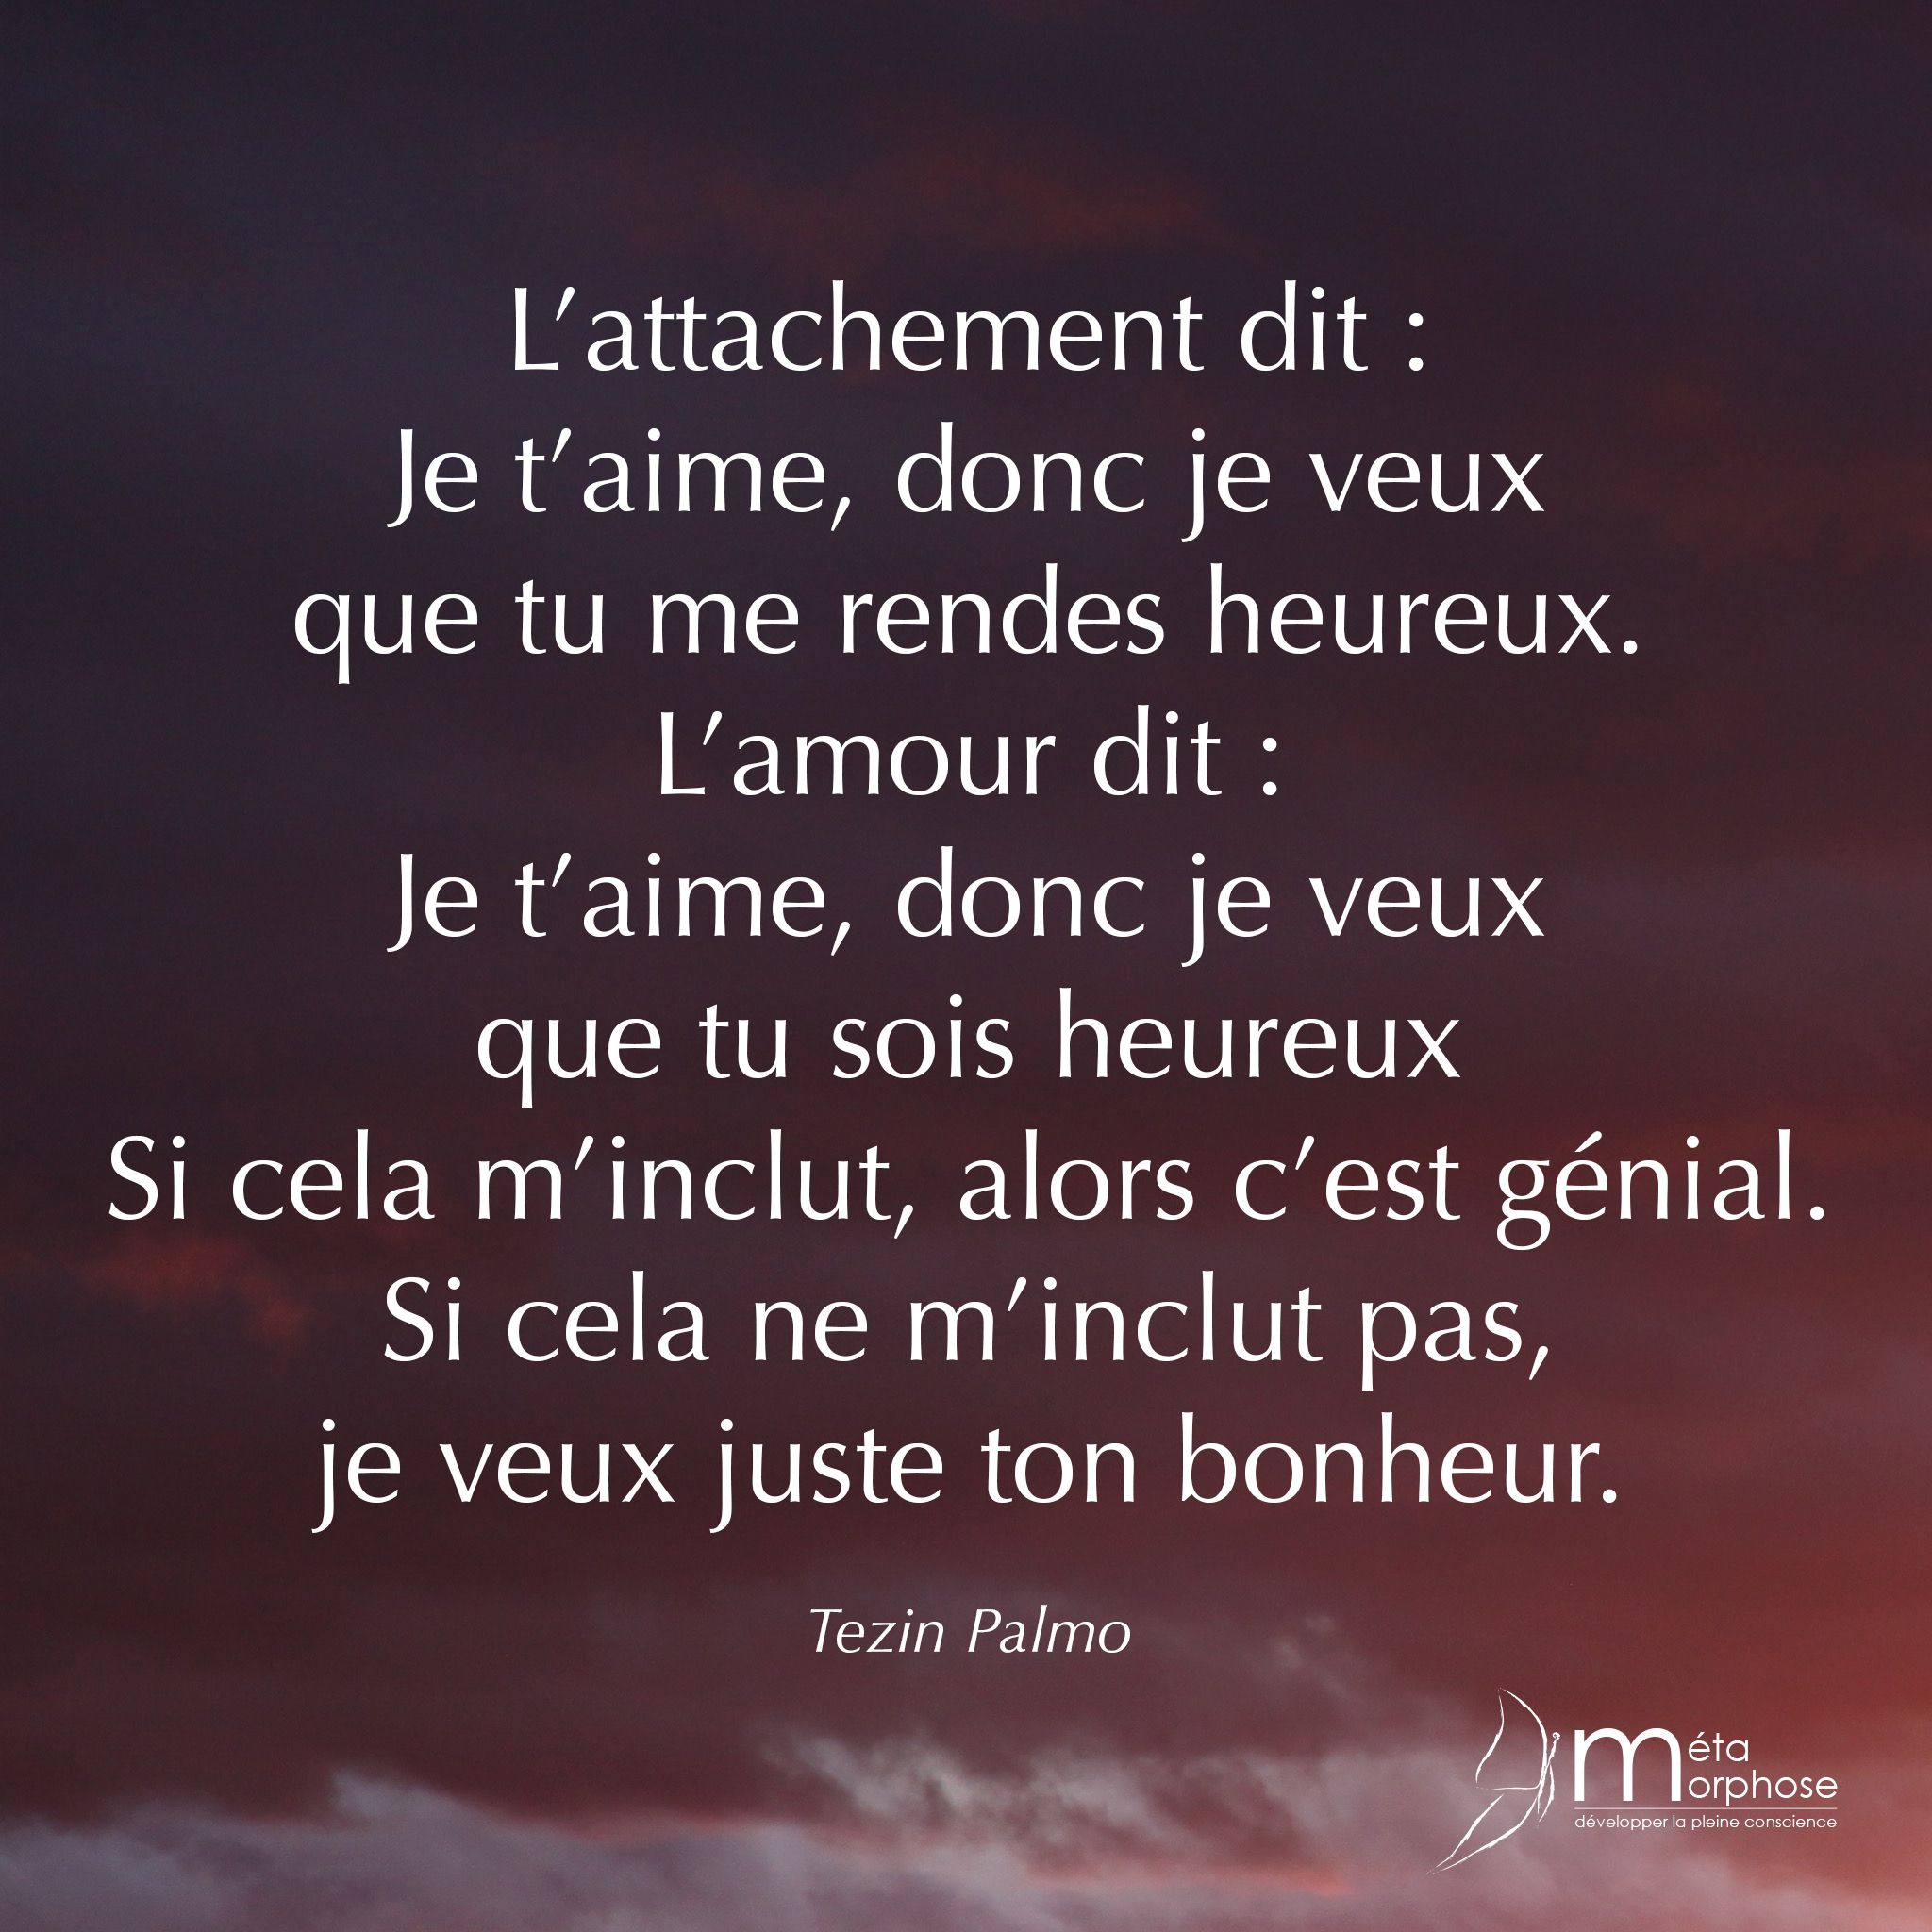 Différence Entre Attachement Et Amour 08h08